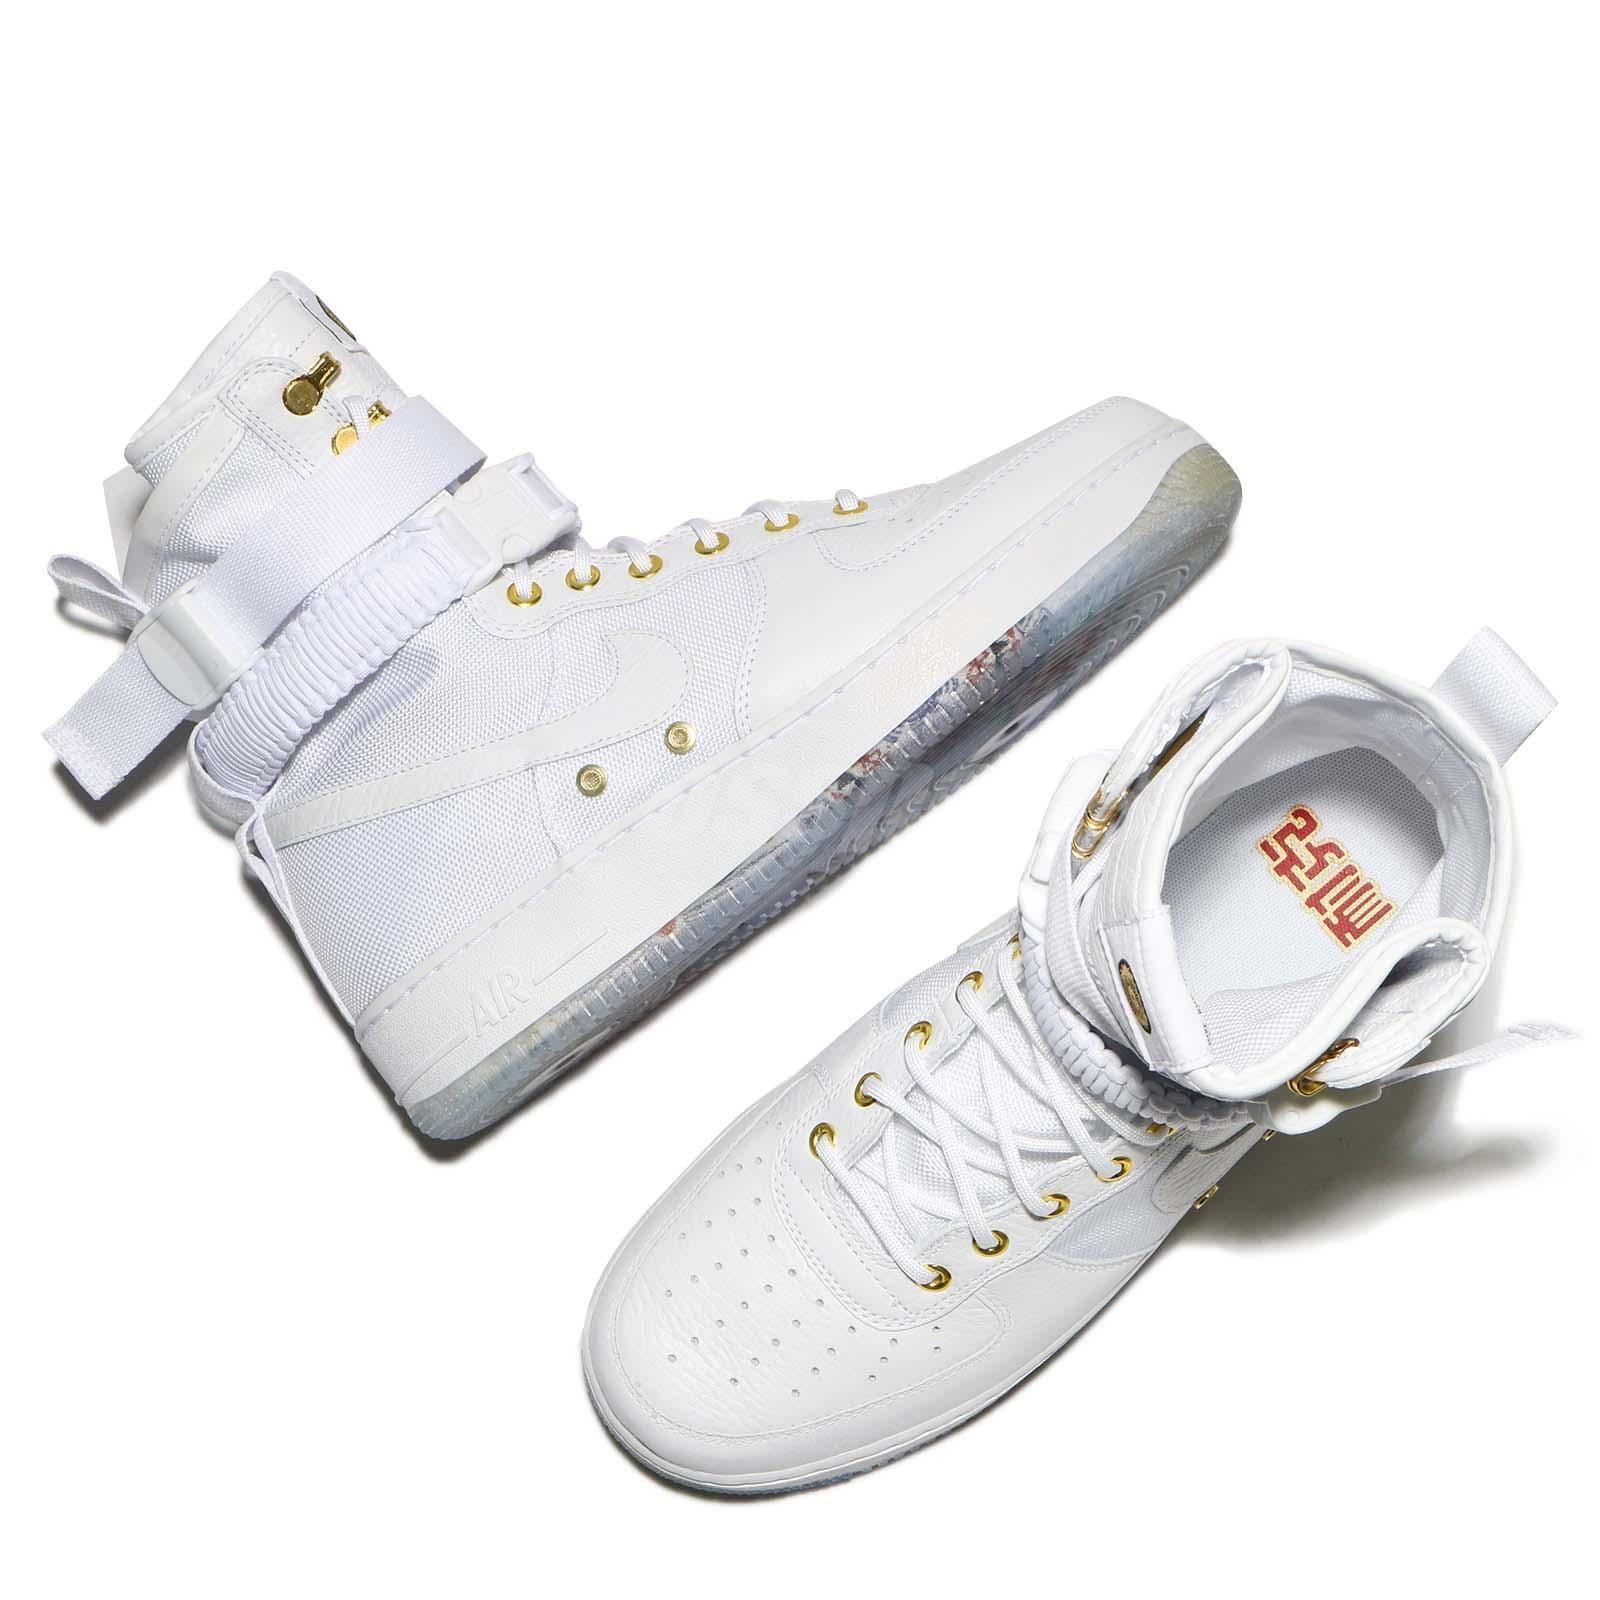 Nike SF AF1 Air Force 1 Special Field Velvet Brown Men Shoes Sneakers 864024 -203 0c80d08ba